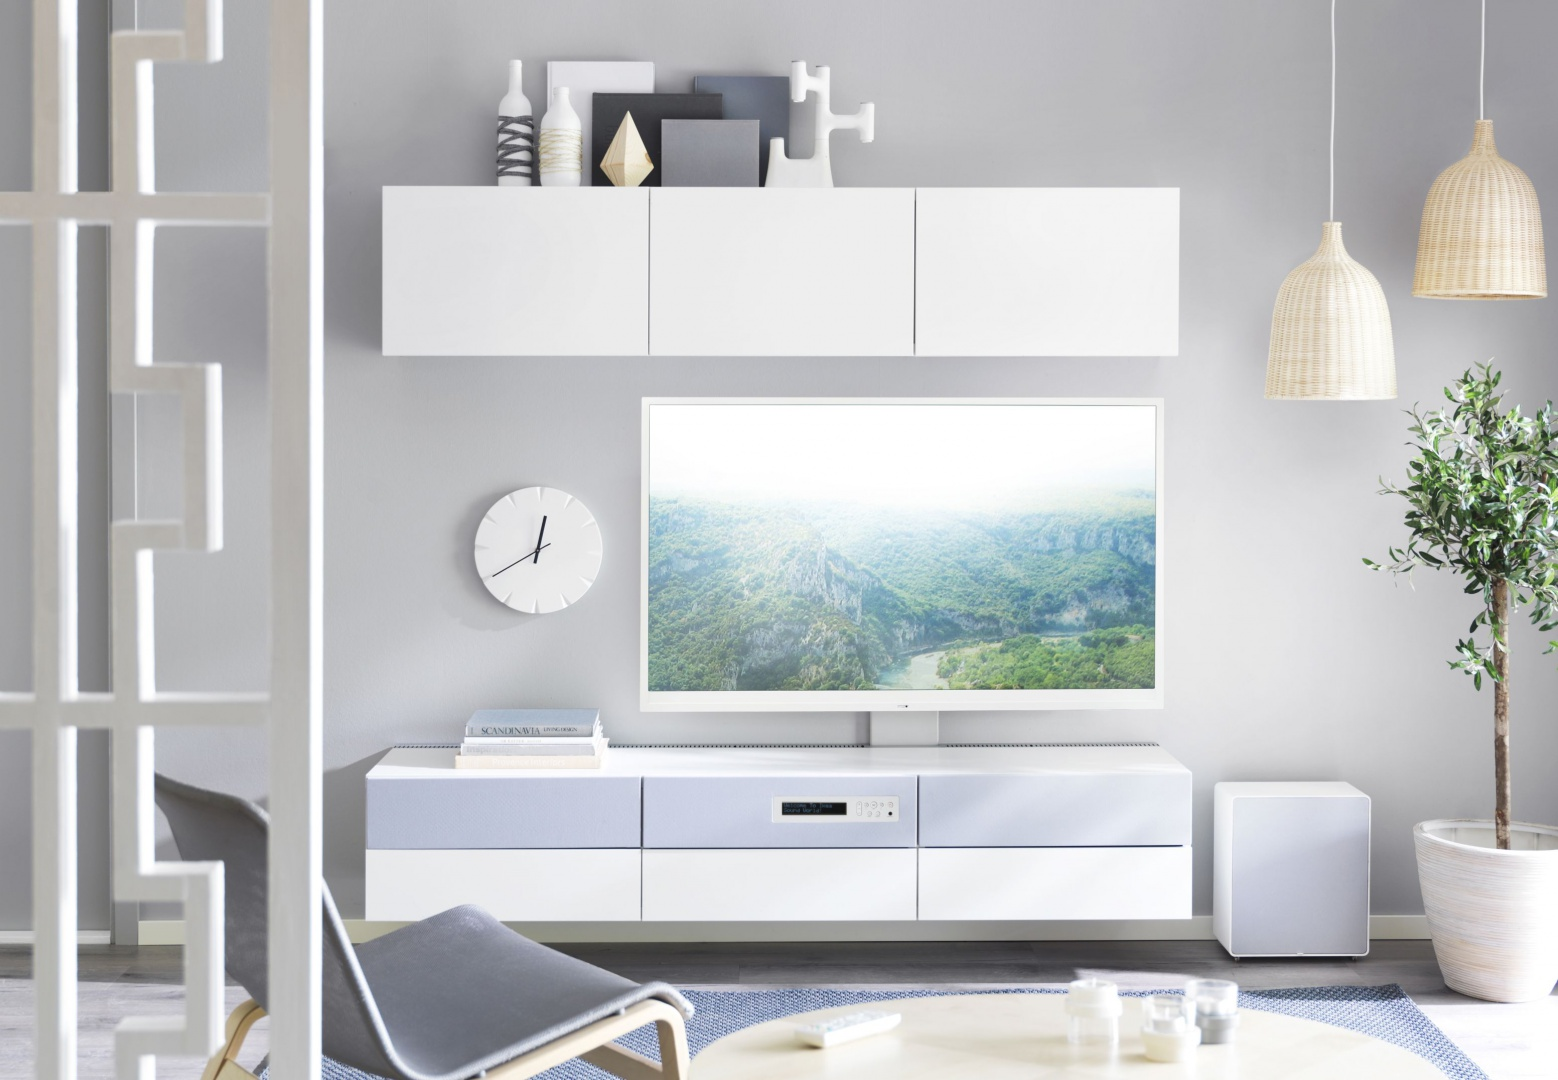 Szafka pod TV BESTA/Uppleva Kombi/TV 55/2.1 system dźwiękowy z oferty marki IKEA to połączenie telewizorów LED Uppleva i systemu mebli do przechowywania. Fot. IKEA.